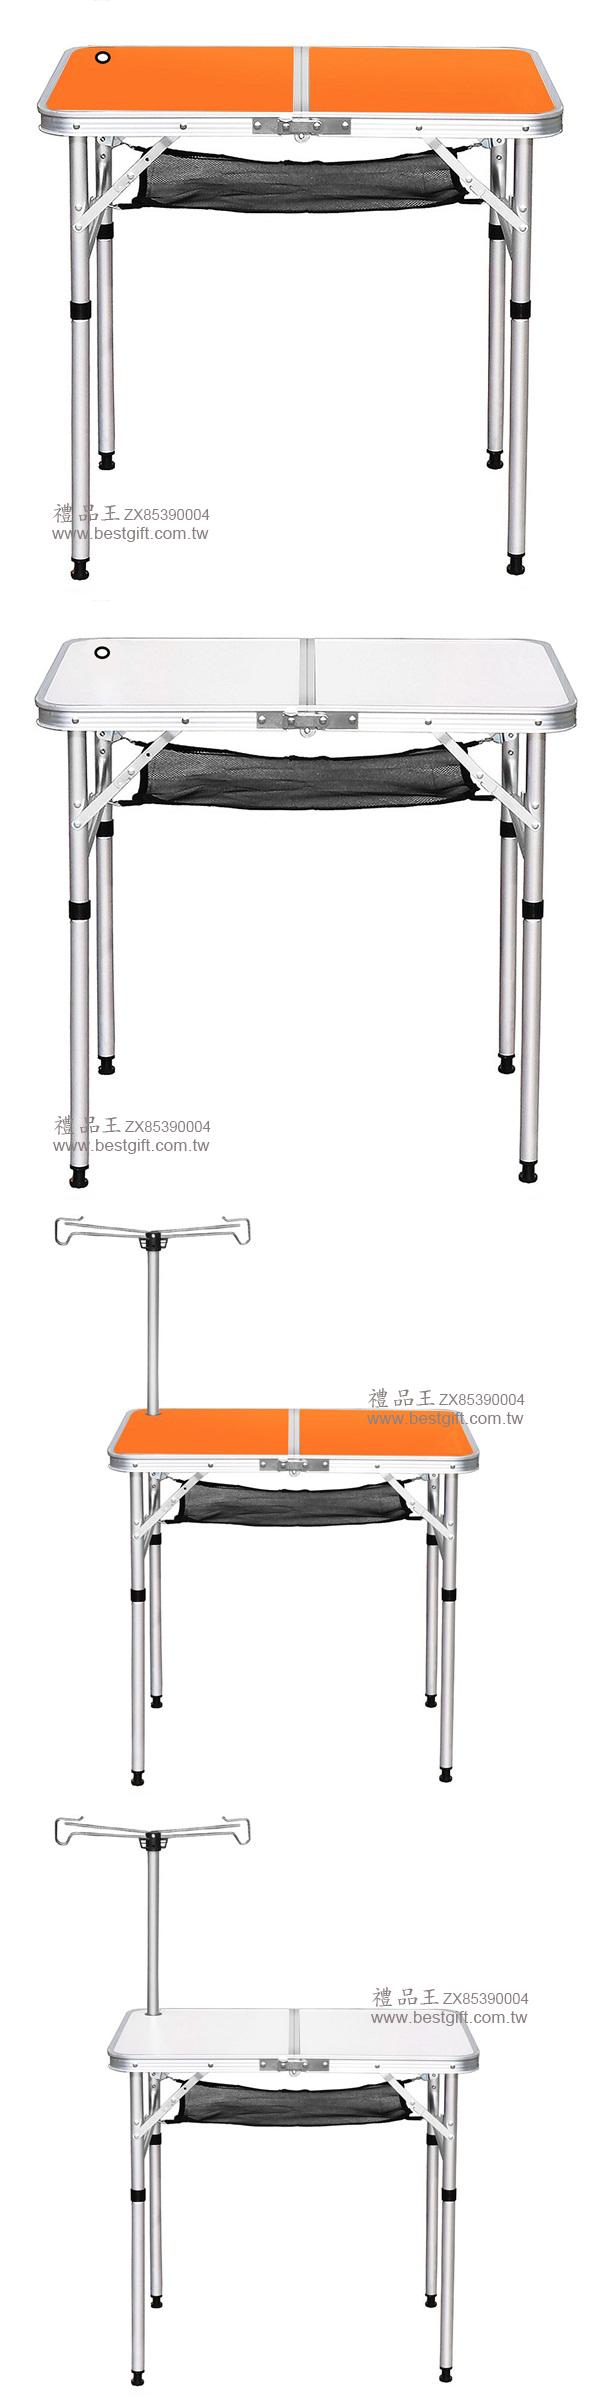 鋁合金戶外折疊桌     商品貨號: ZX85390004